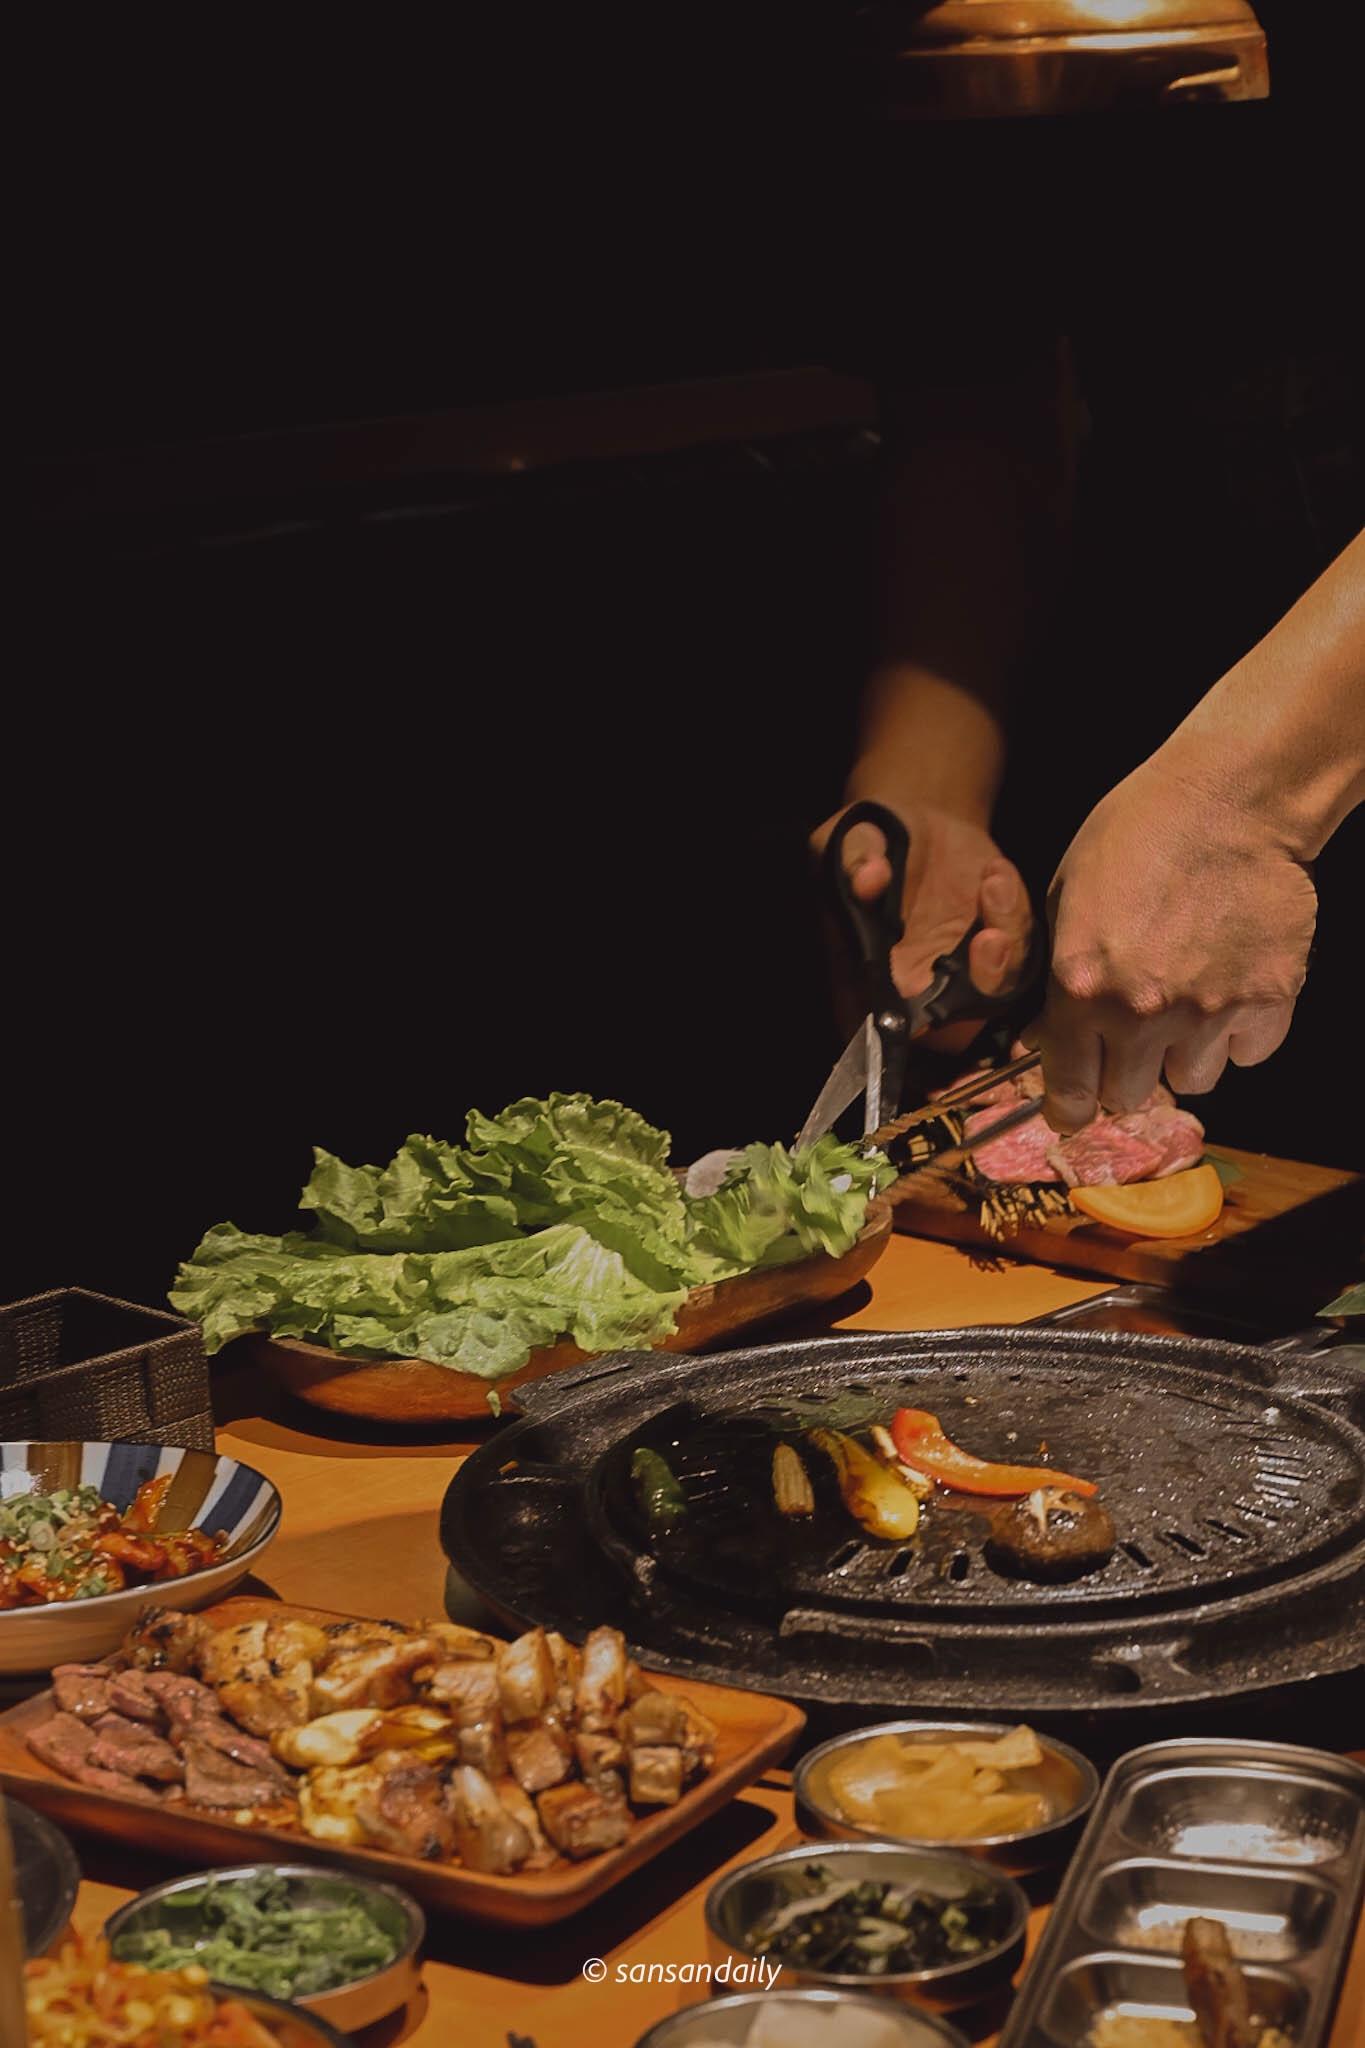 餐桌上一個人用剪刀剪生菜